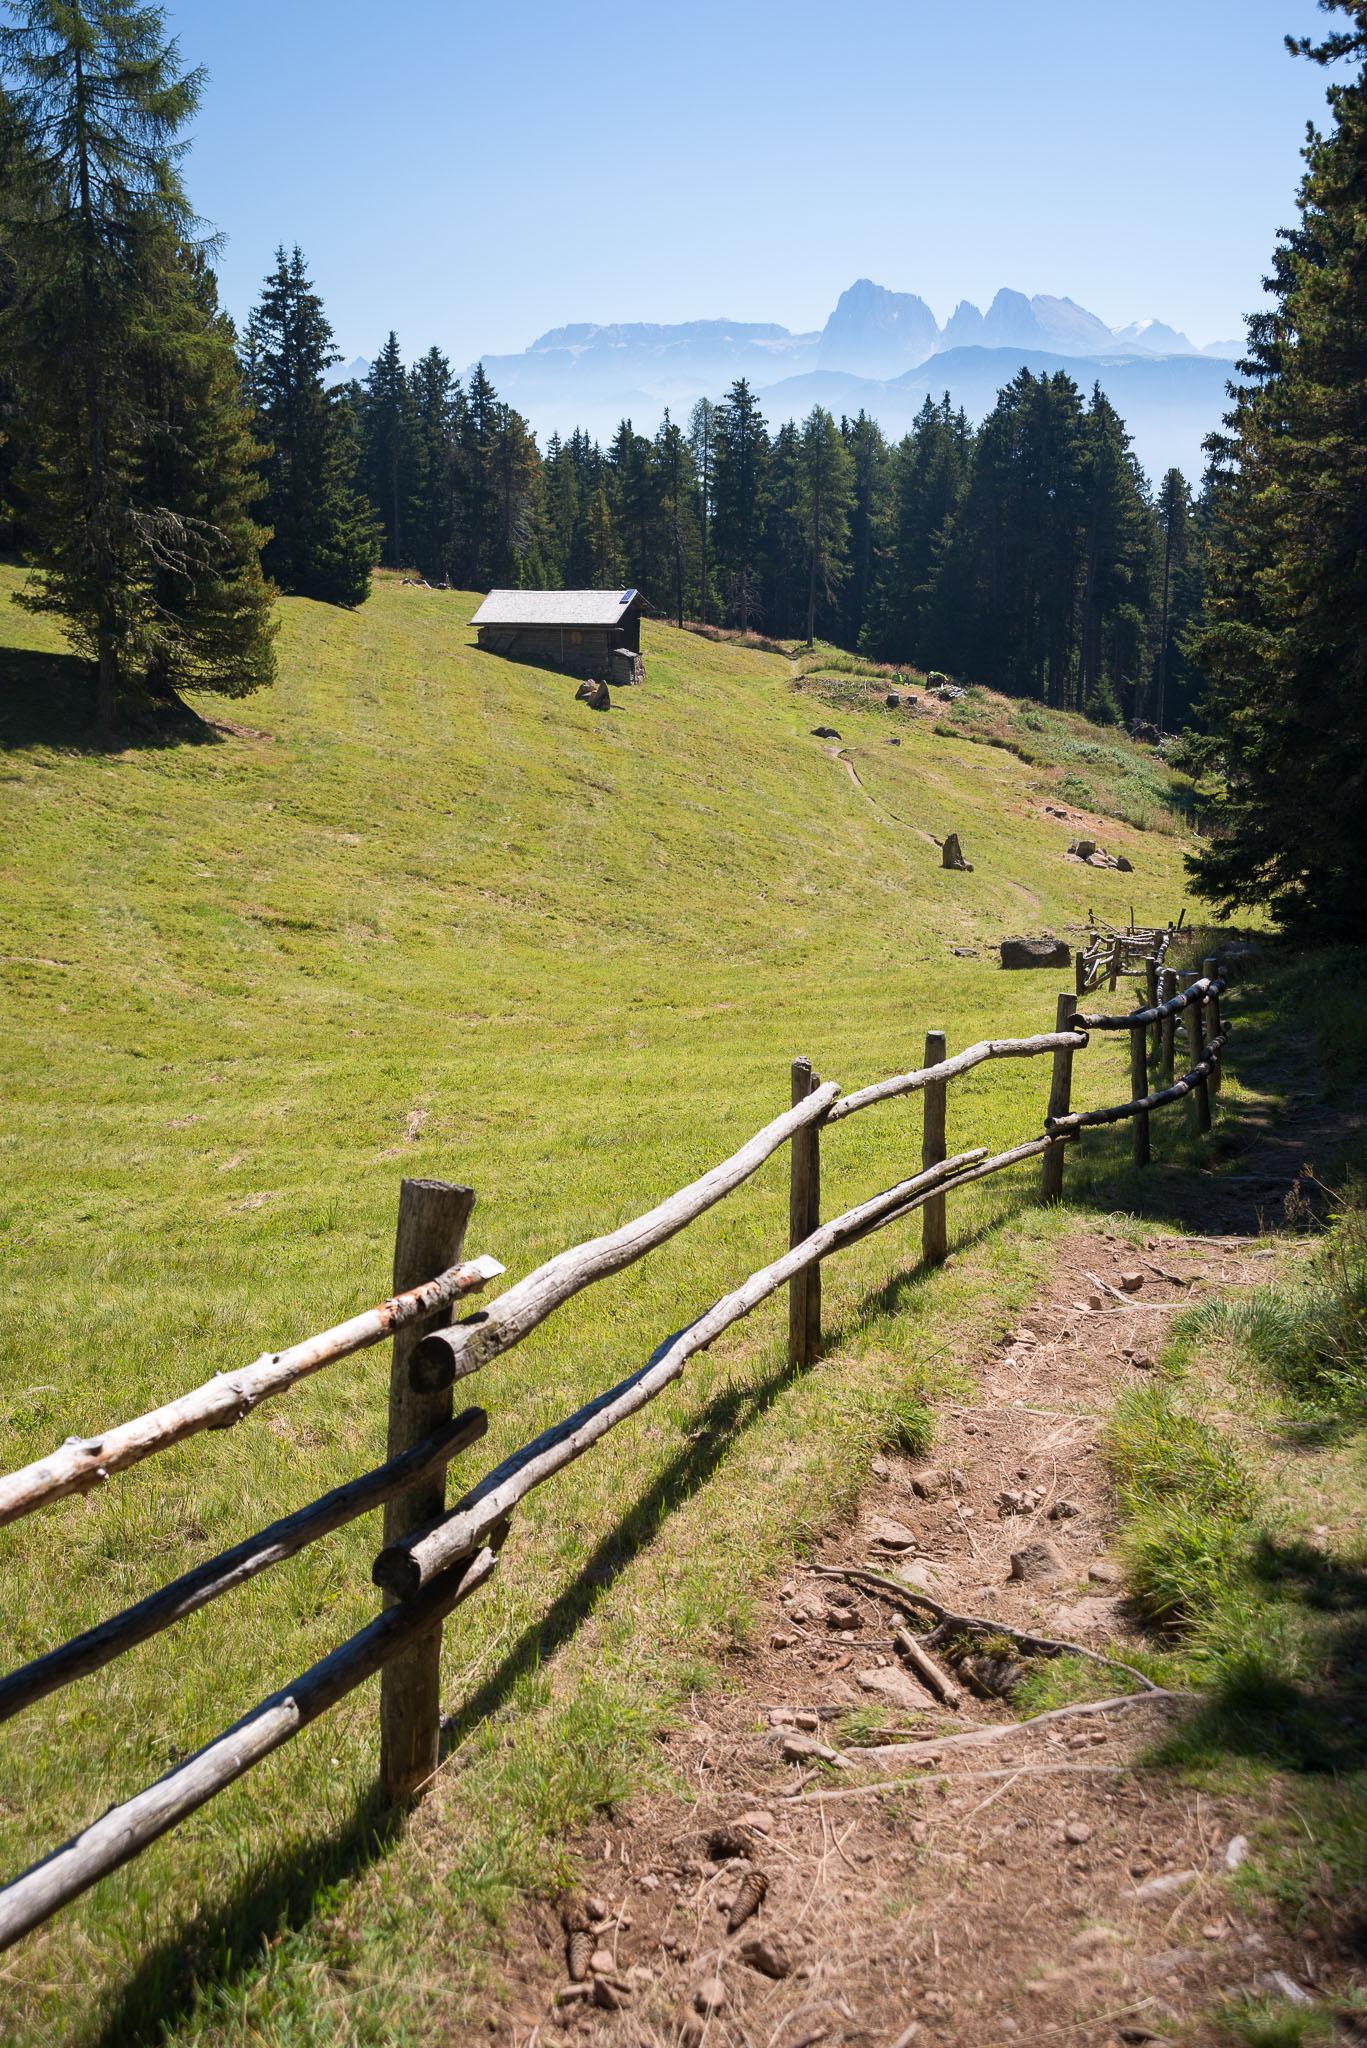 Wanderweg mit Blick auf eine Almhütte und die dahinterliegenden Dolomiten.